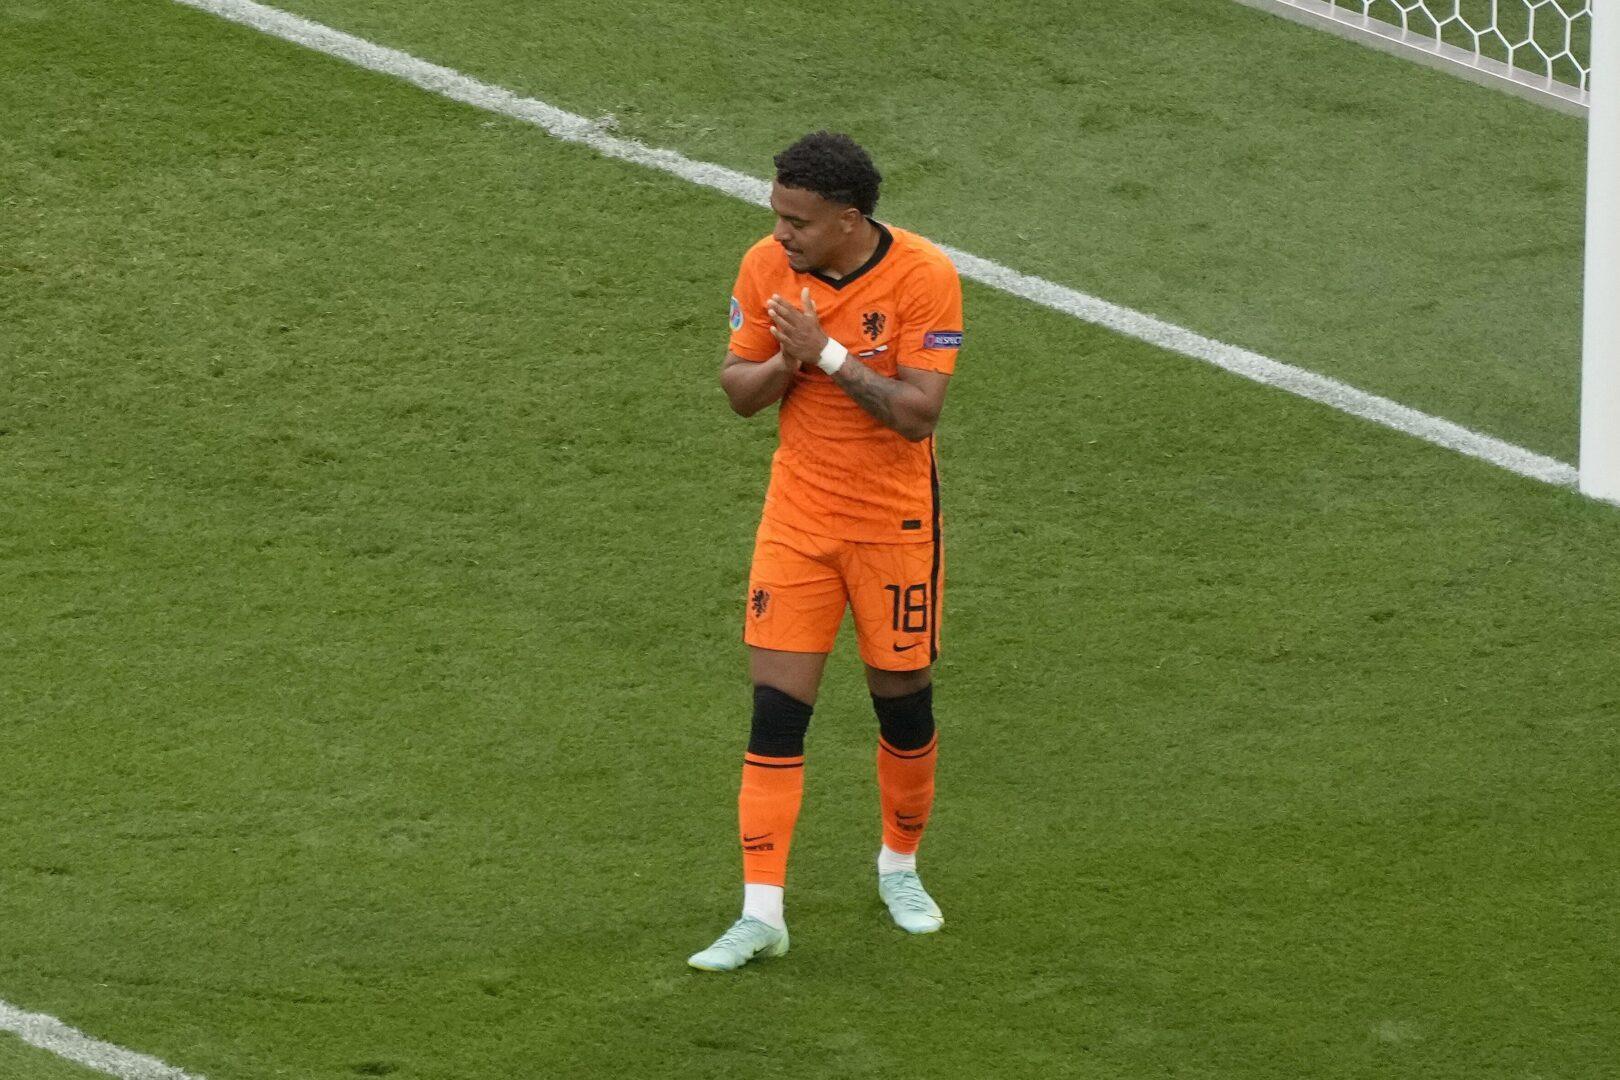 PSV Eindhoven erwartet offizielles Angebot des BVB für Malen